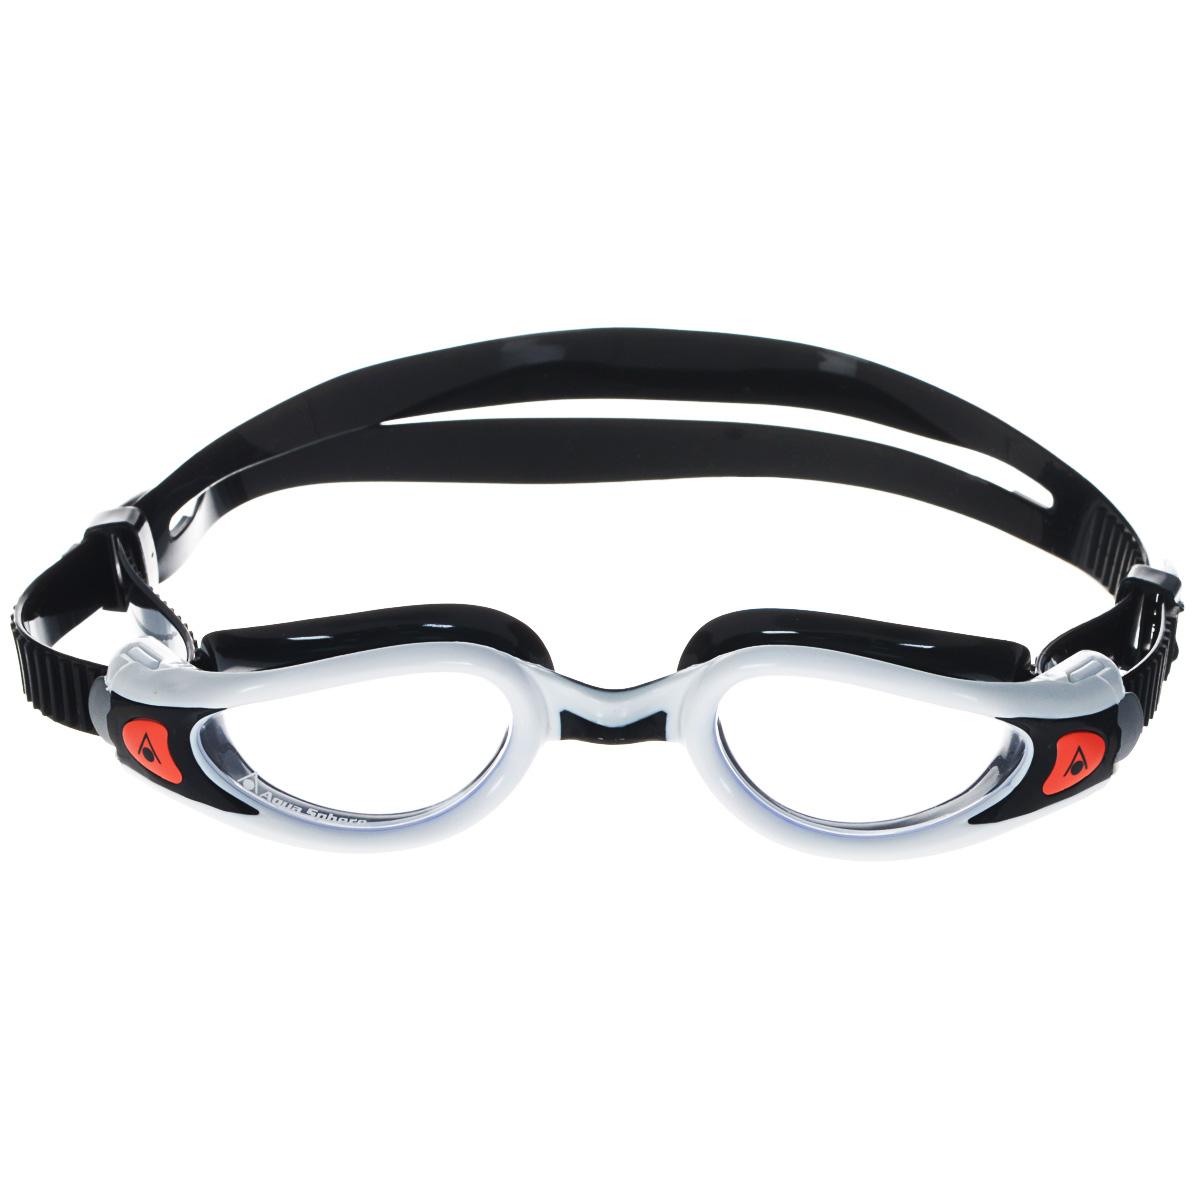 Очки для плавания Aqua Sphere Kaiman Exo Lady, цвет: белый, черныйTN 175710Модные и стильные очки Kaiman Exo Lady идеально подходят для плавания в бассейне или открытой воде. Особая технология изогнутых линз позволяет обеспечить превосходный обзор в 180°, не искажая при этом изображение. Очки дают 100% защиту от ультрафиолетового излучения. Специальное покрытие препятствует запотеванию стекол. Новая технология каркаса EXO-core bi-material обеспечивает максимальную стабильность и комфорт.Материал: софтерил, plexisol.